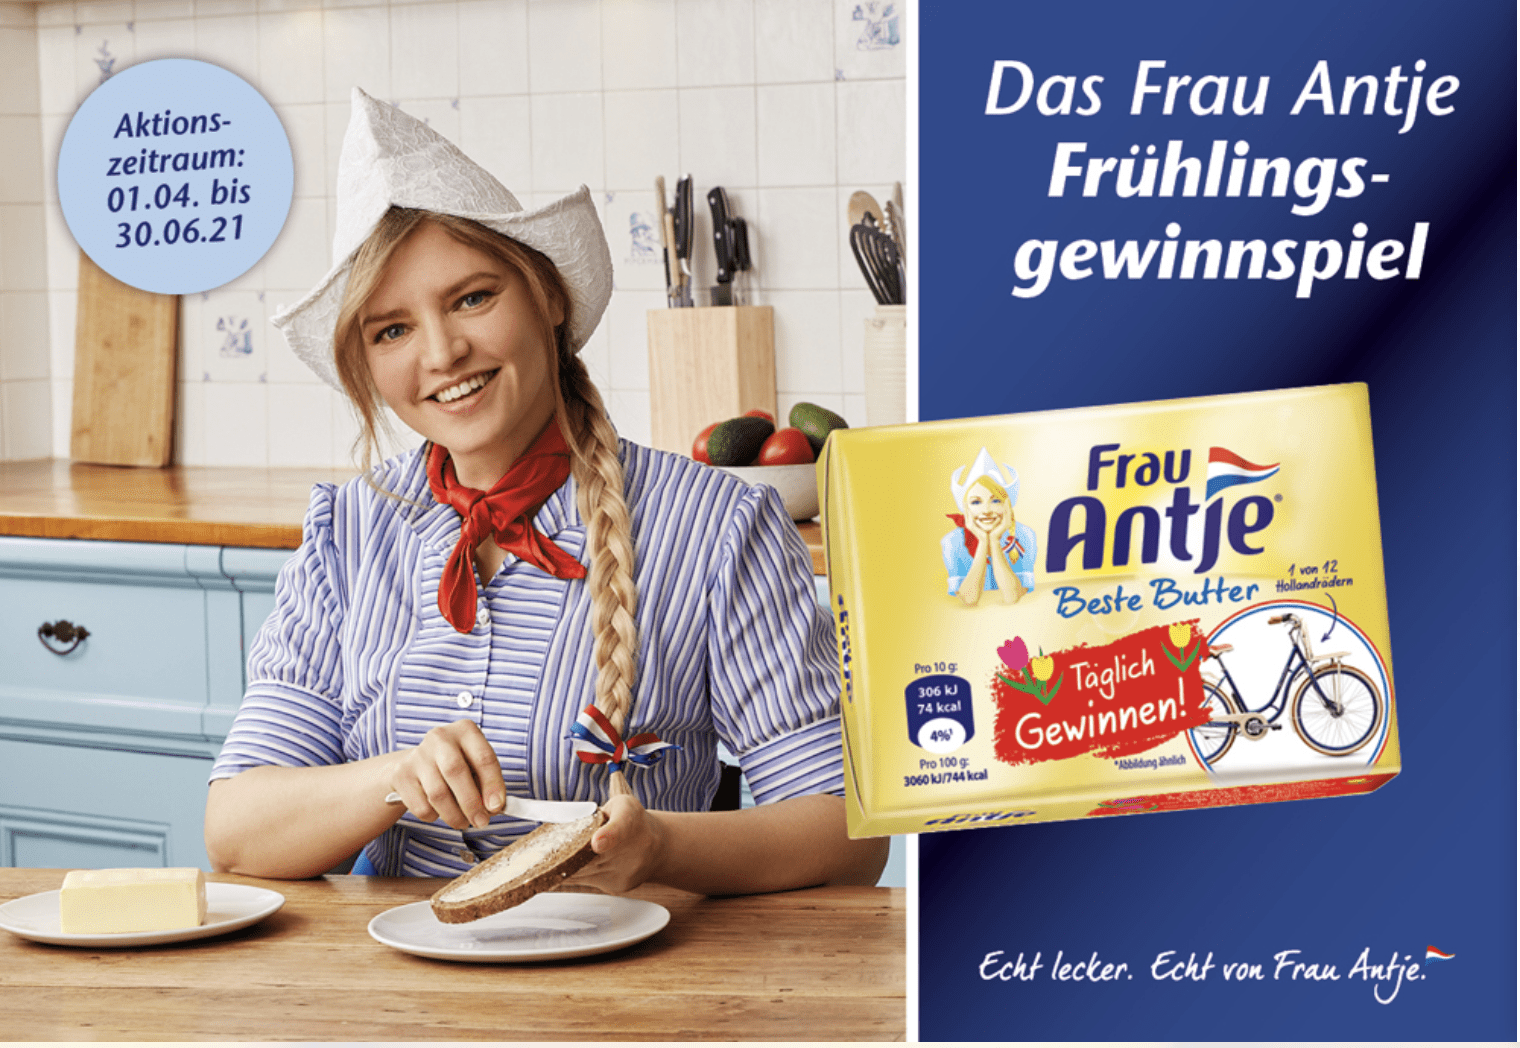 Gewinnspiel-Cases FMCG Food Frau Antje